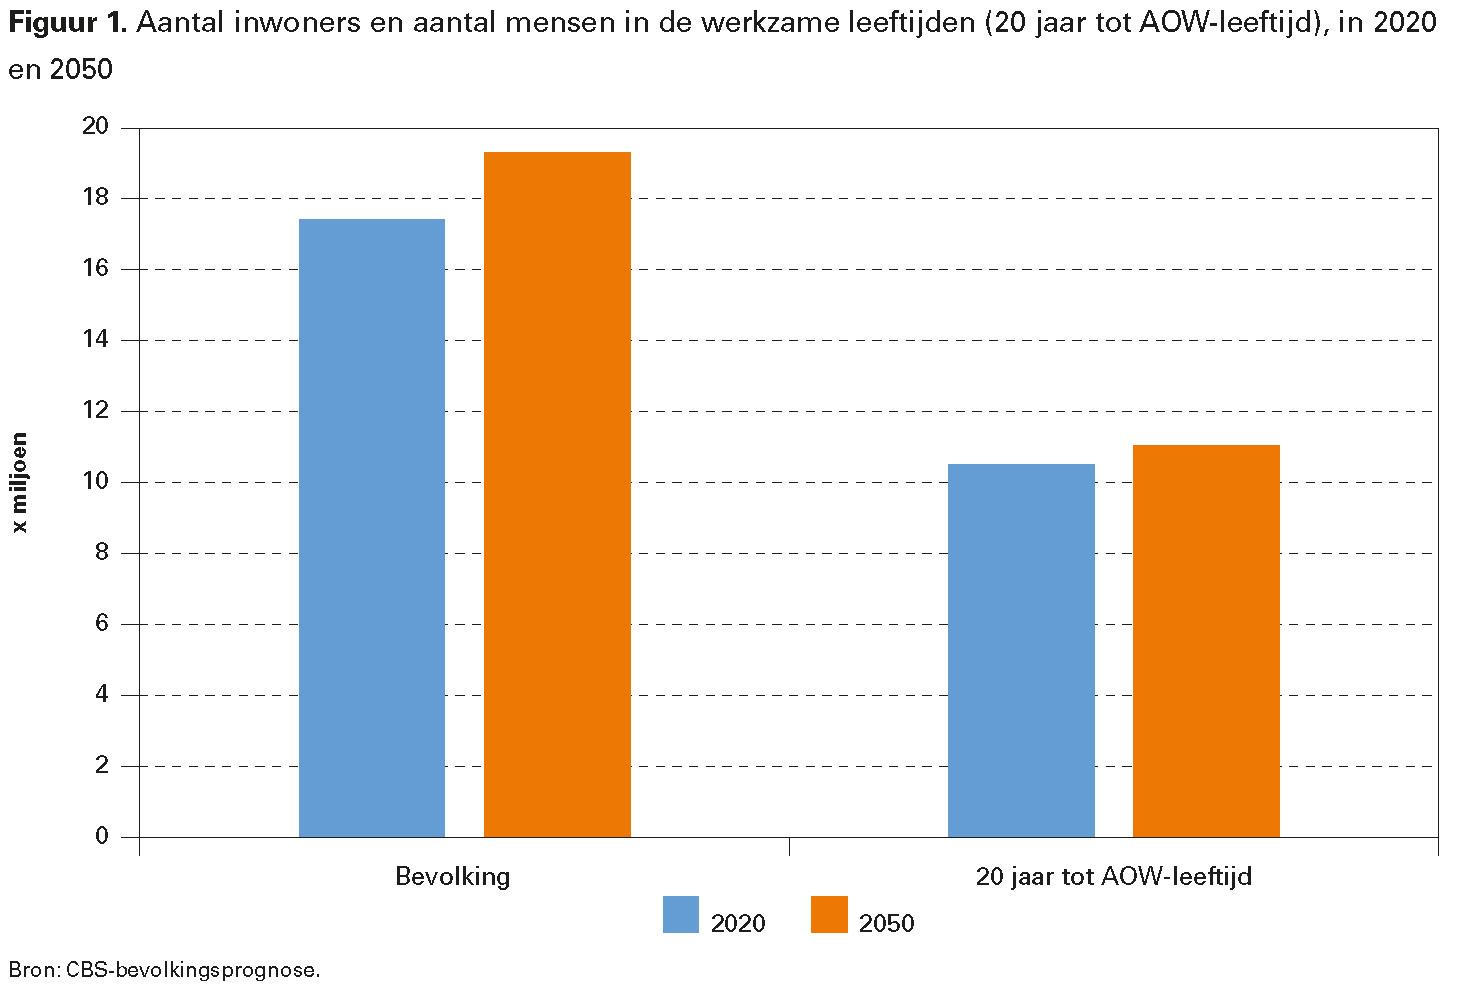 Figuur 1. Aantal inwoners en aantal mensen in de werkzame leeftijden (20 jaar tot AOW-leeftijd), in 2020 en 2050